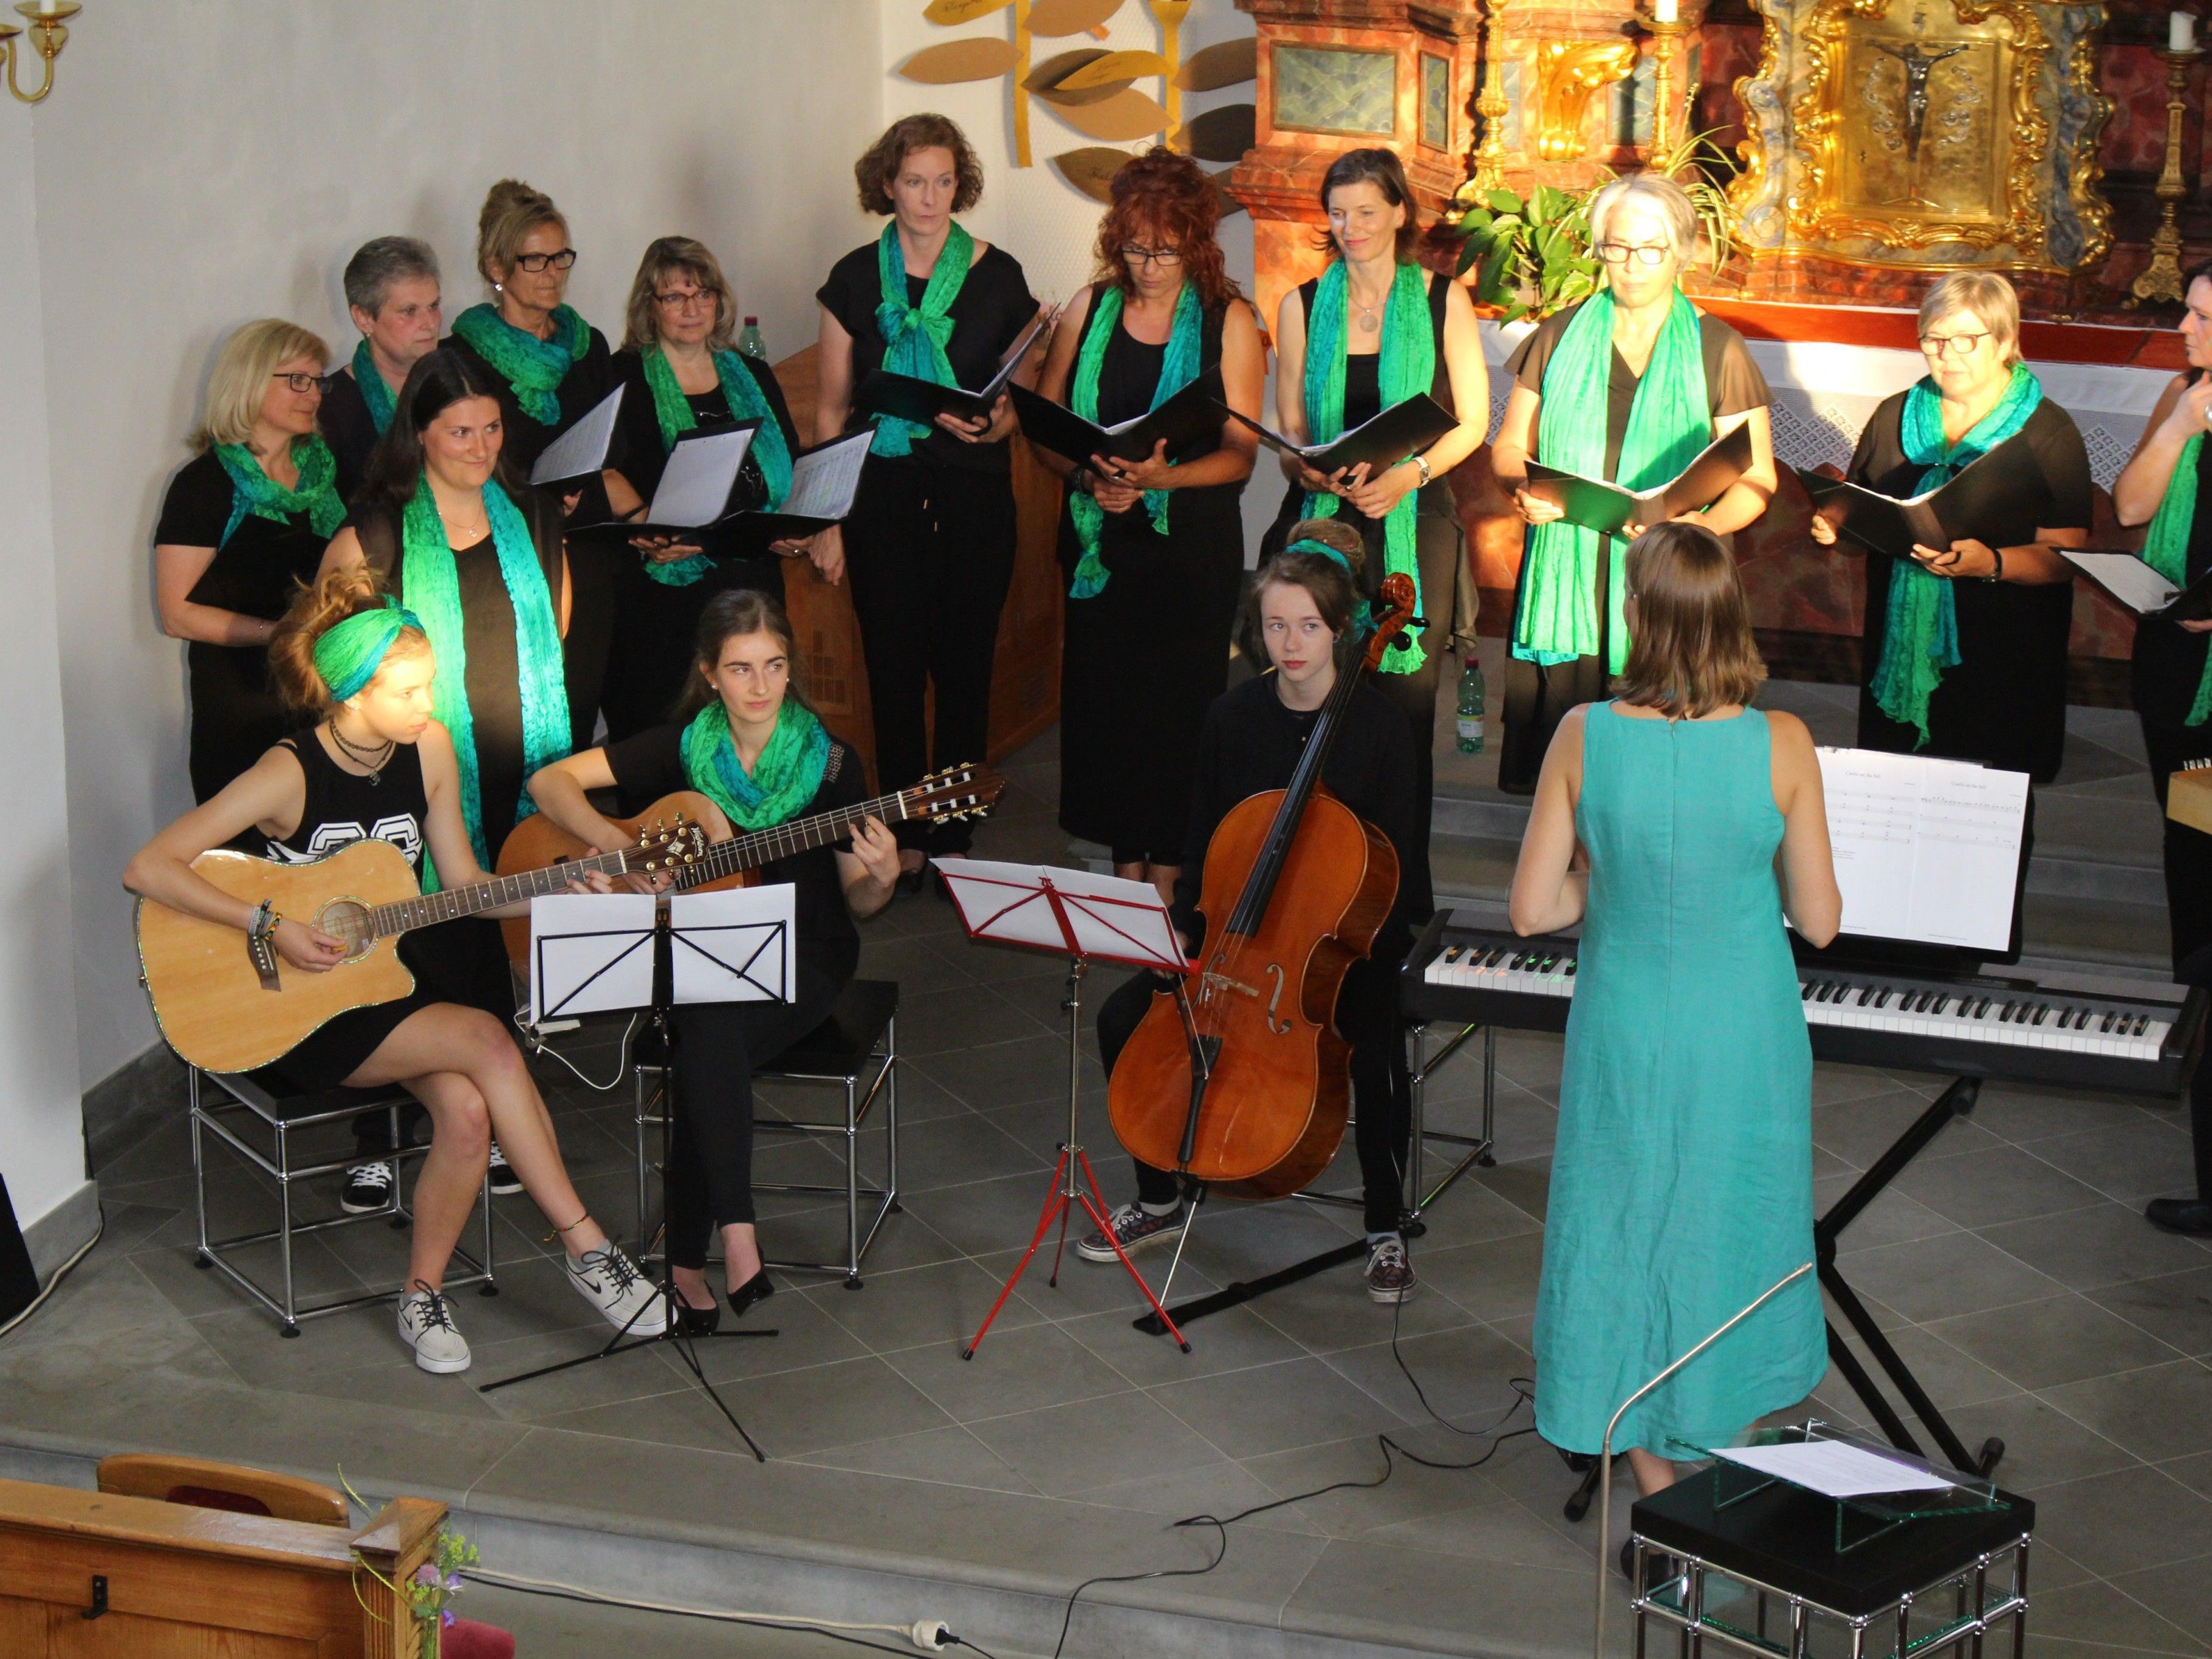 Mit SingKlang Amerlügen bereichert ein neuer Chor die Marktgemeinde.